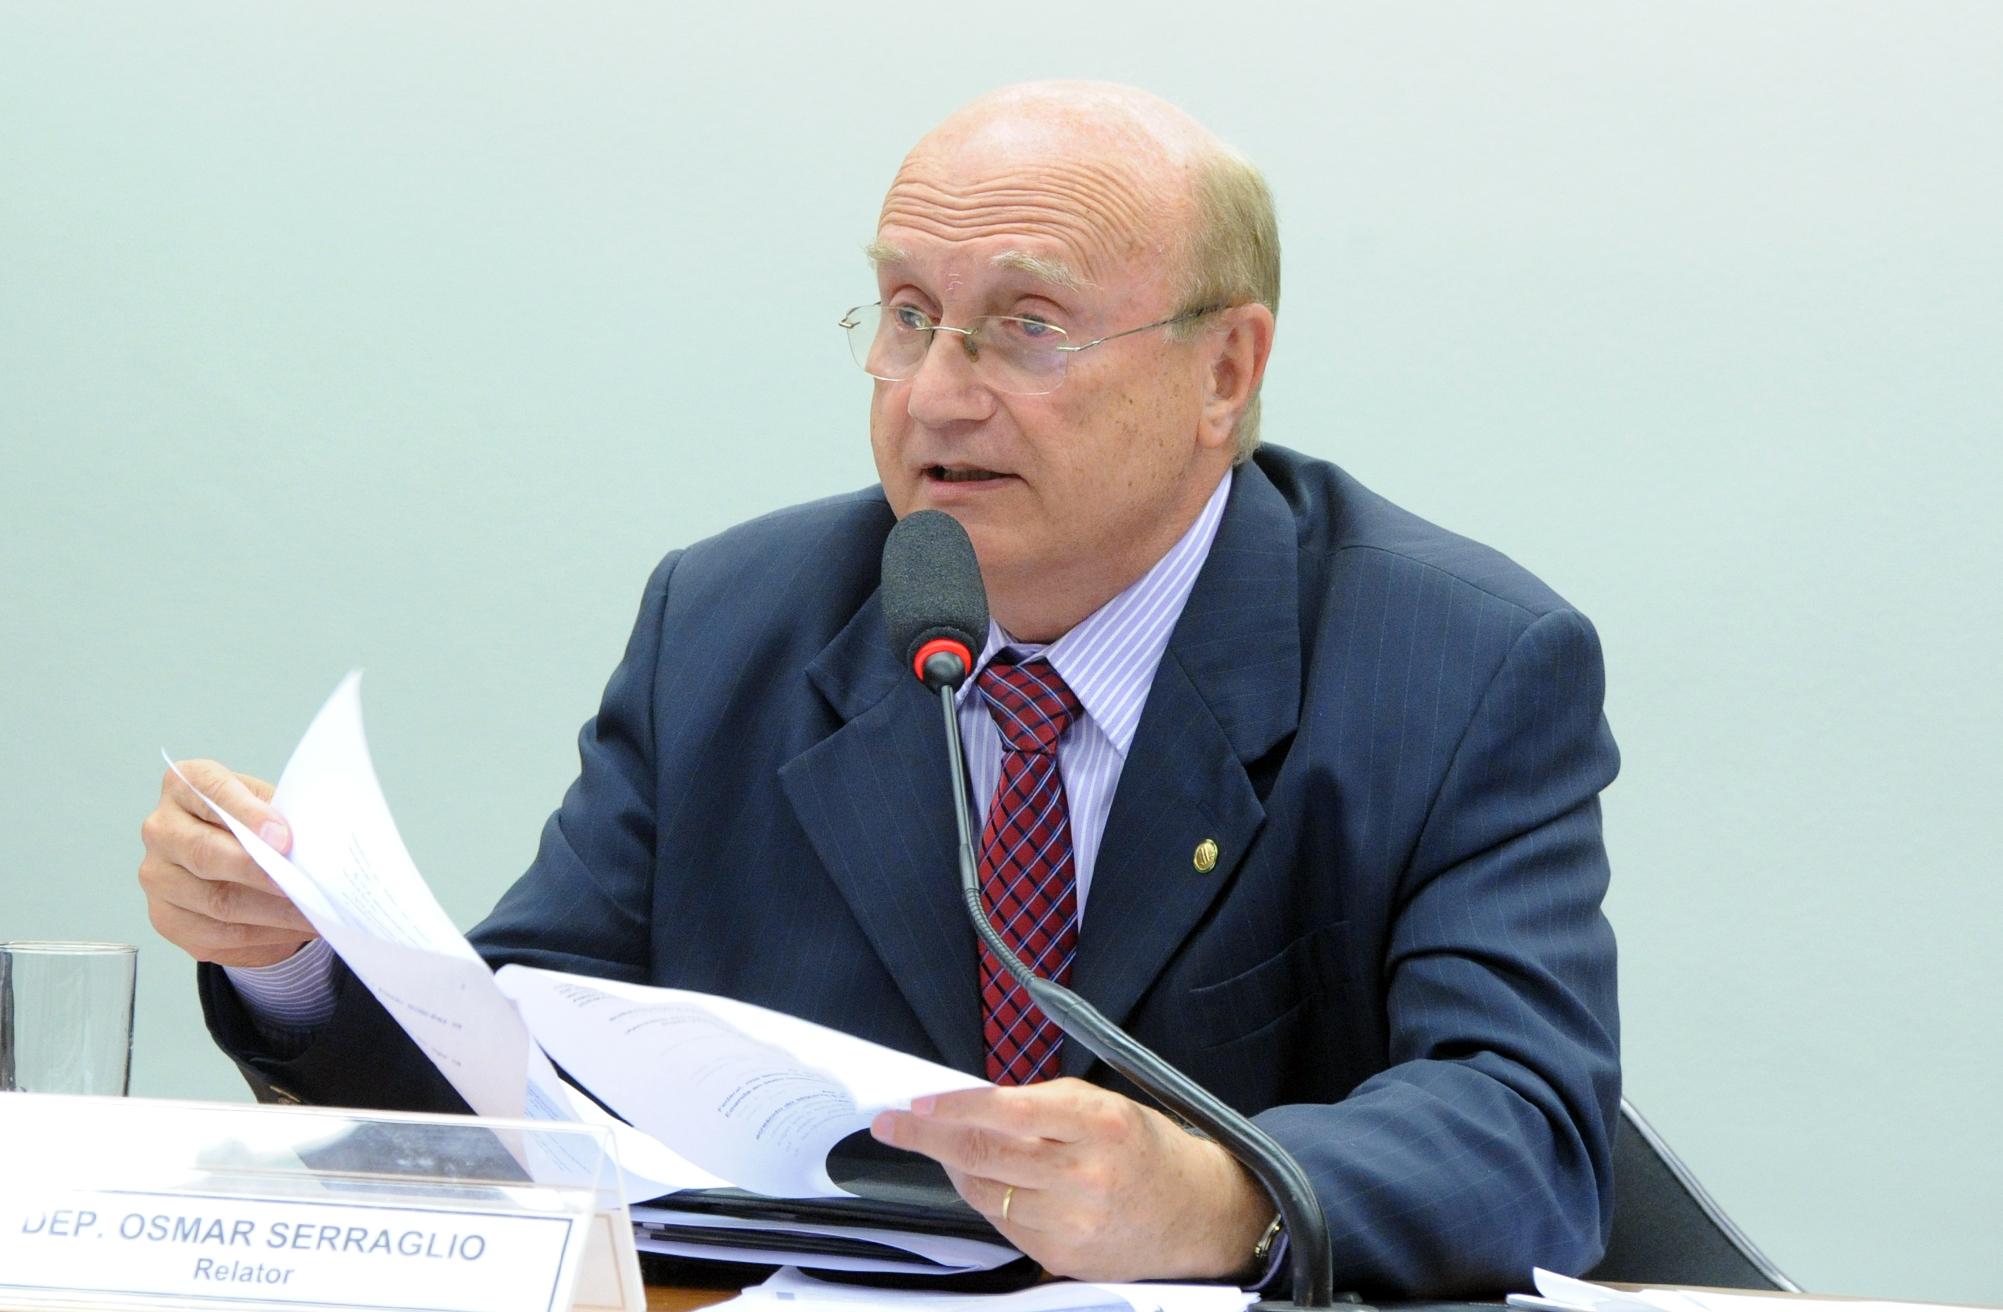 Reunião ordinária para a votação do parecer à PEC 215/00. dep. Osmar Serraglio (PMDB-PR)